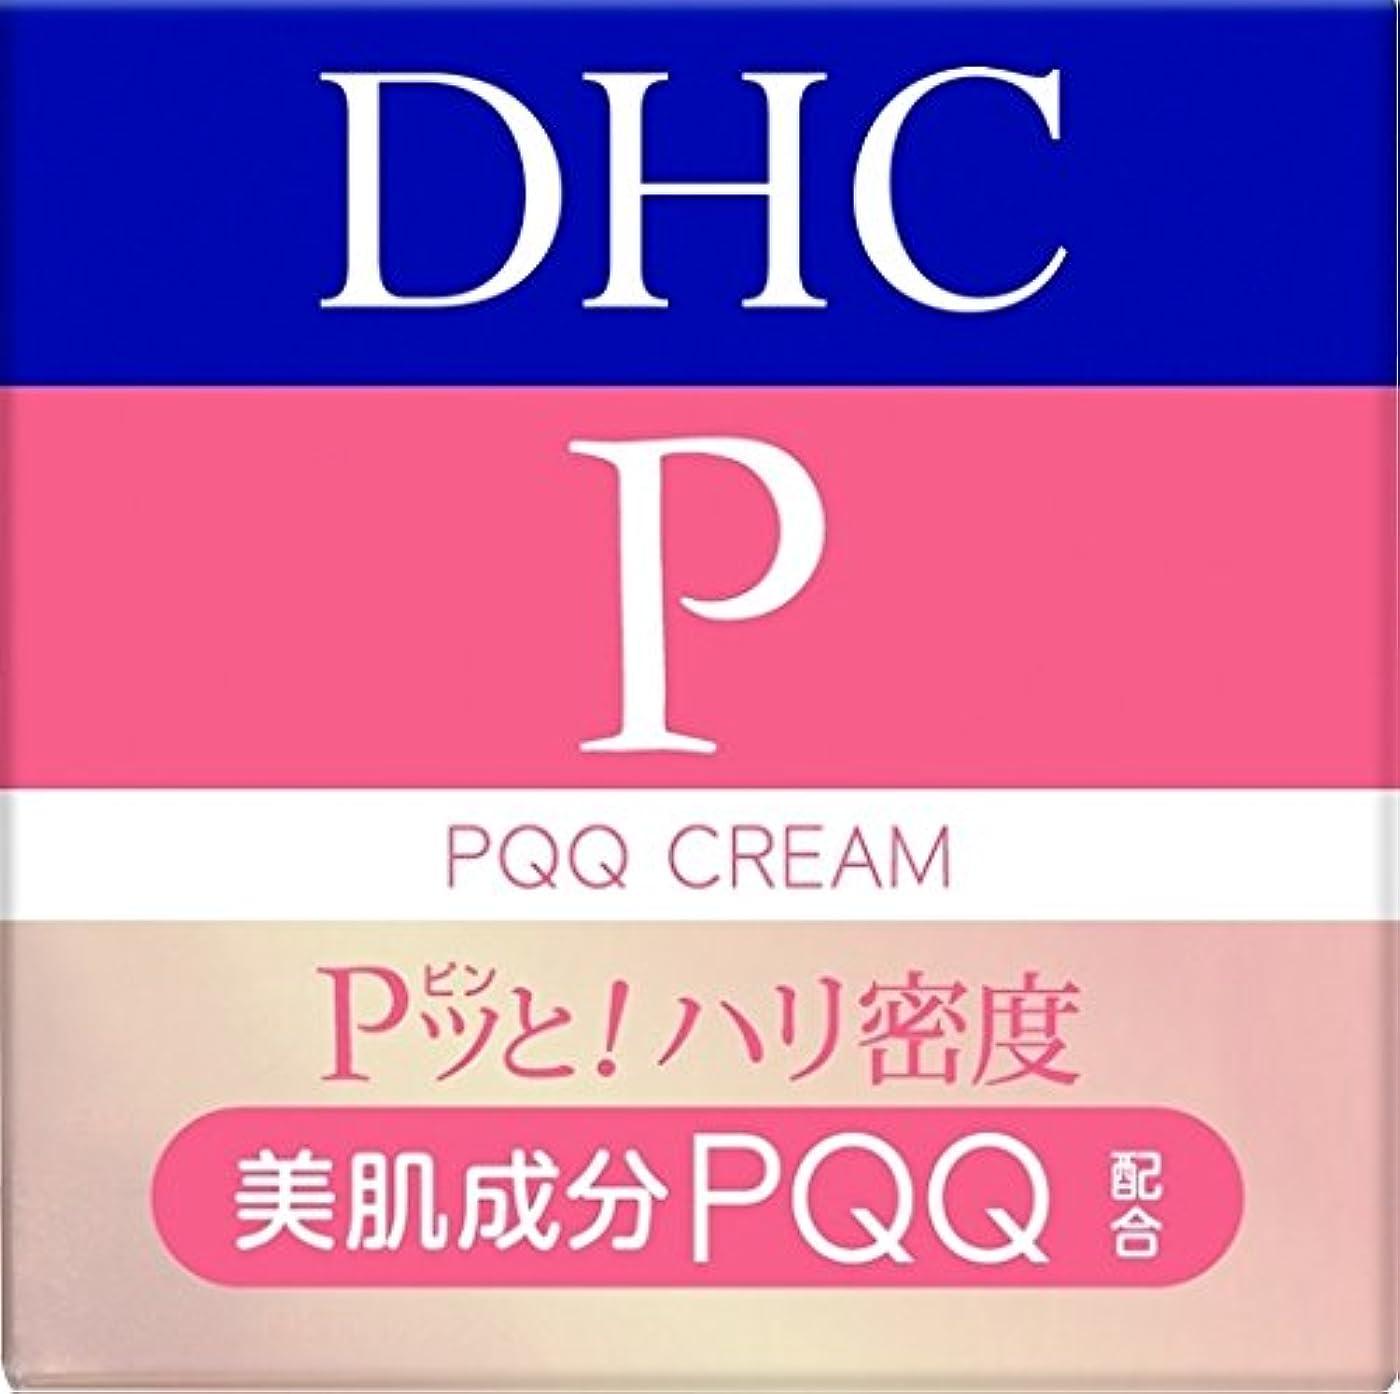 契約する罪悪感手足DHC Pクリーム(SS) 21g